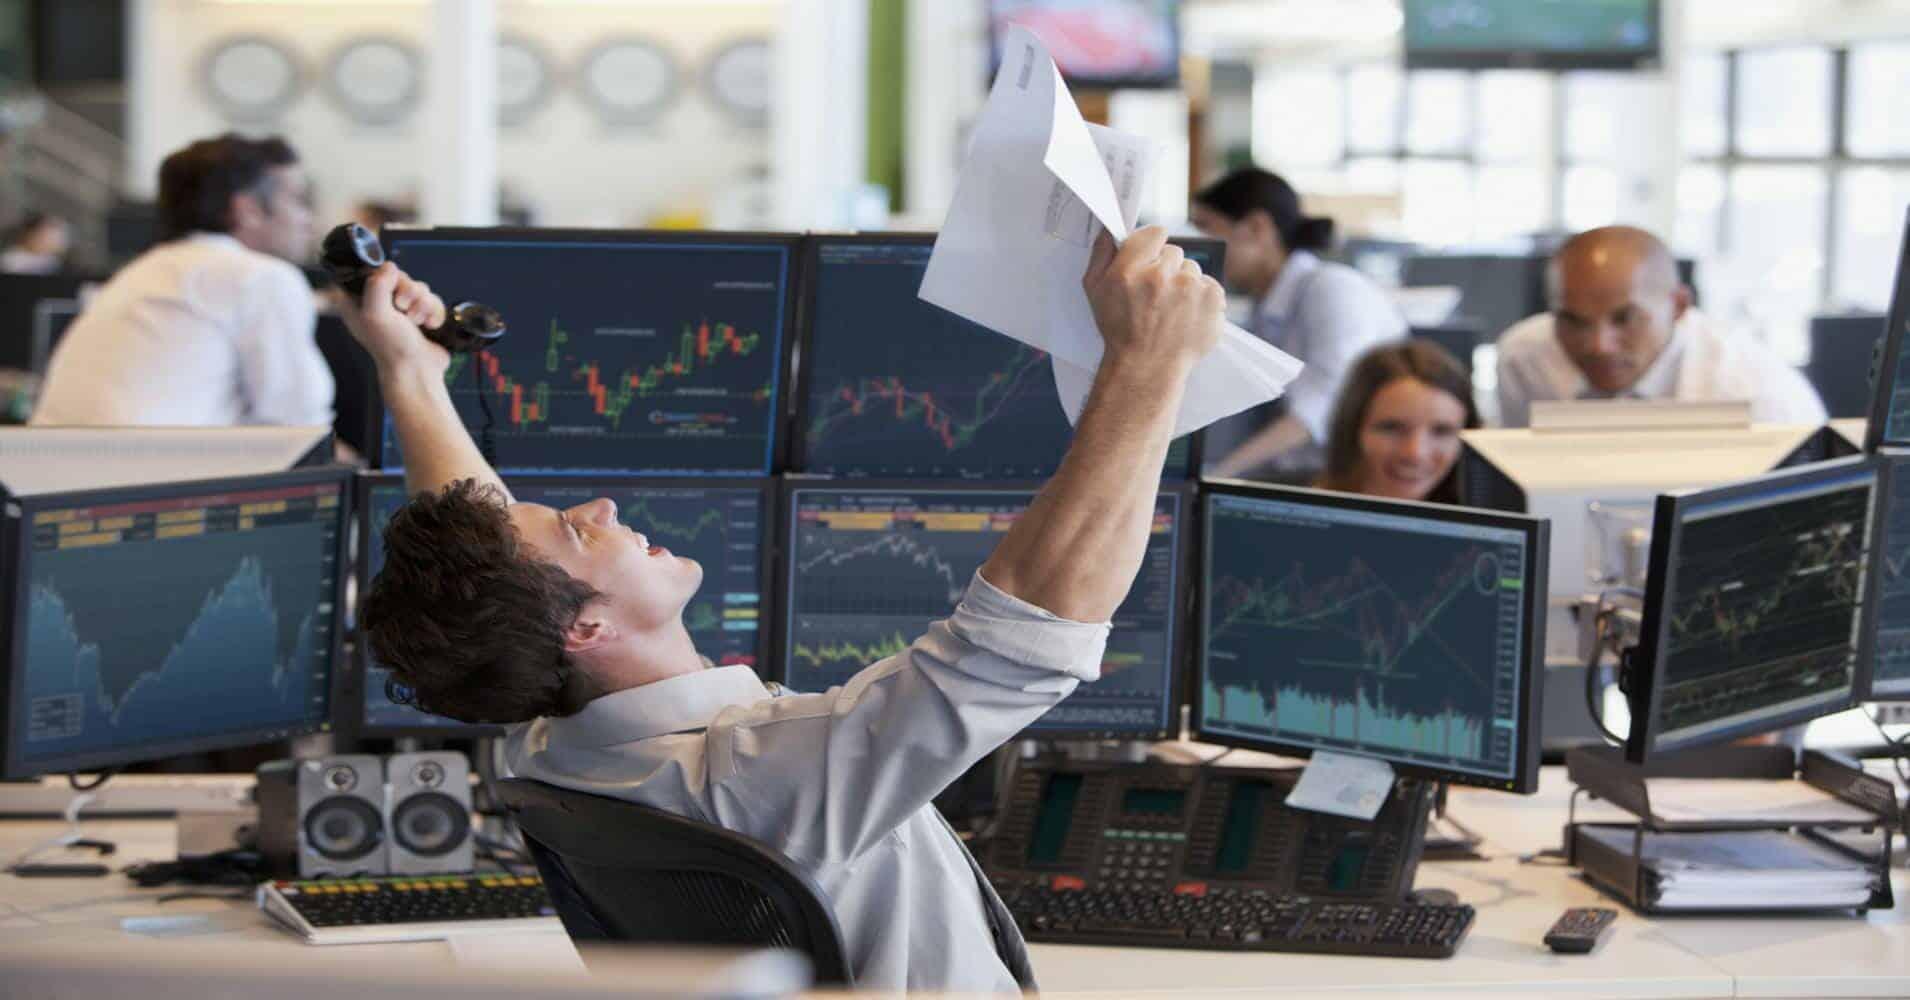 miglior conto trading